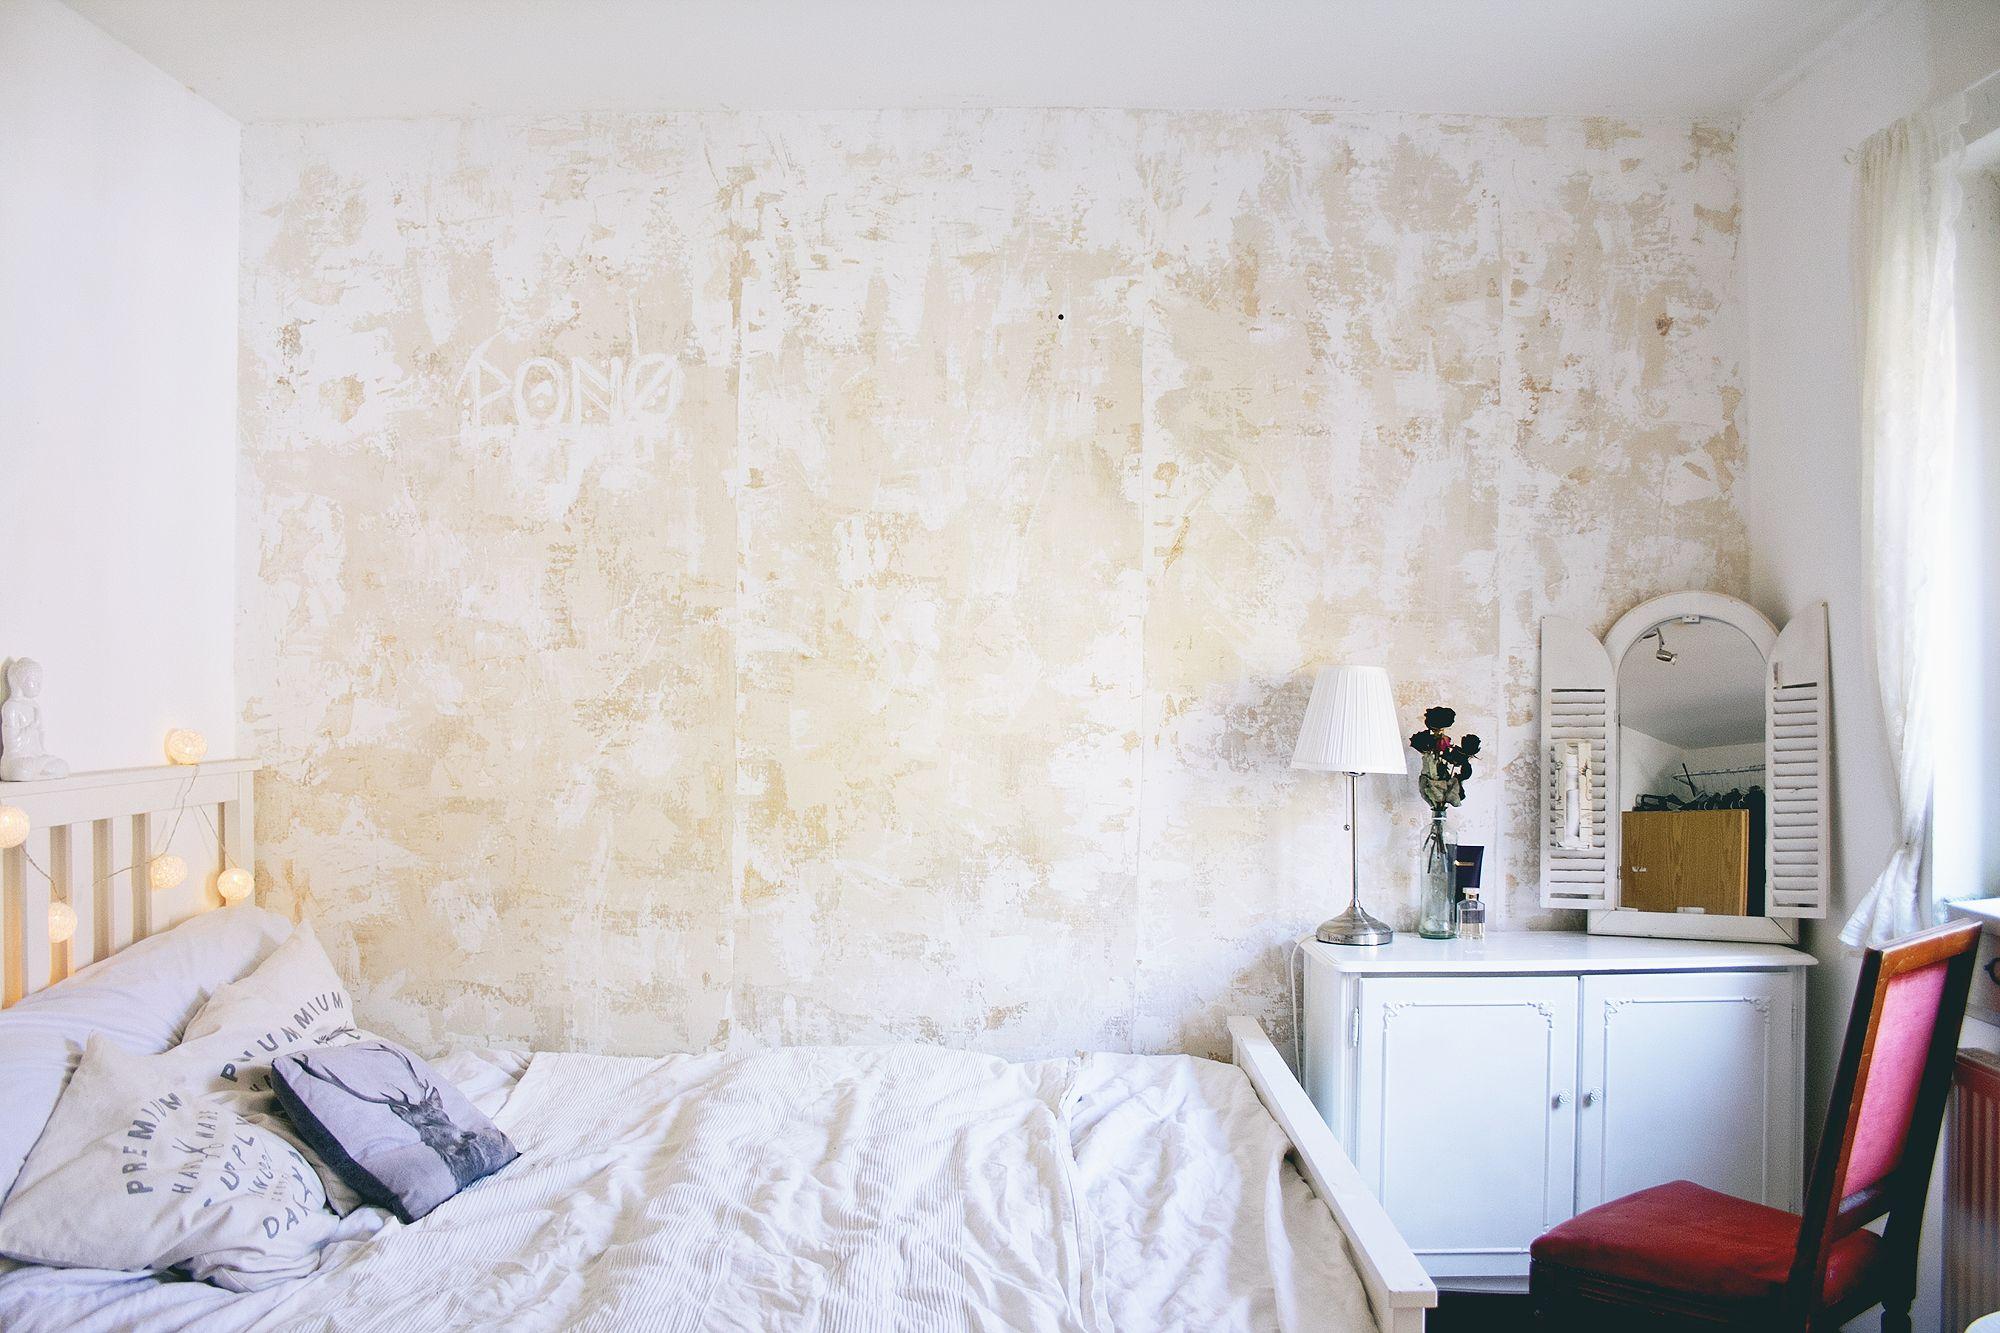 diy eine wand patinieren wand im used look vier w nde pinterest w nde spachteltechnik. Black Bedroom Furniture Sets. Home Design Ideas